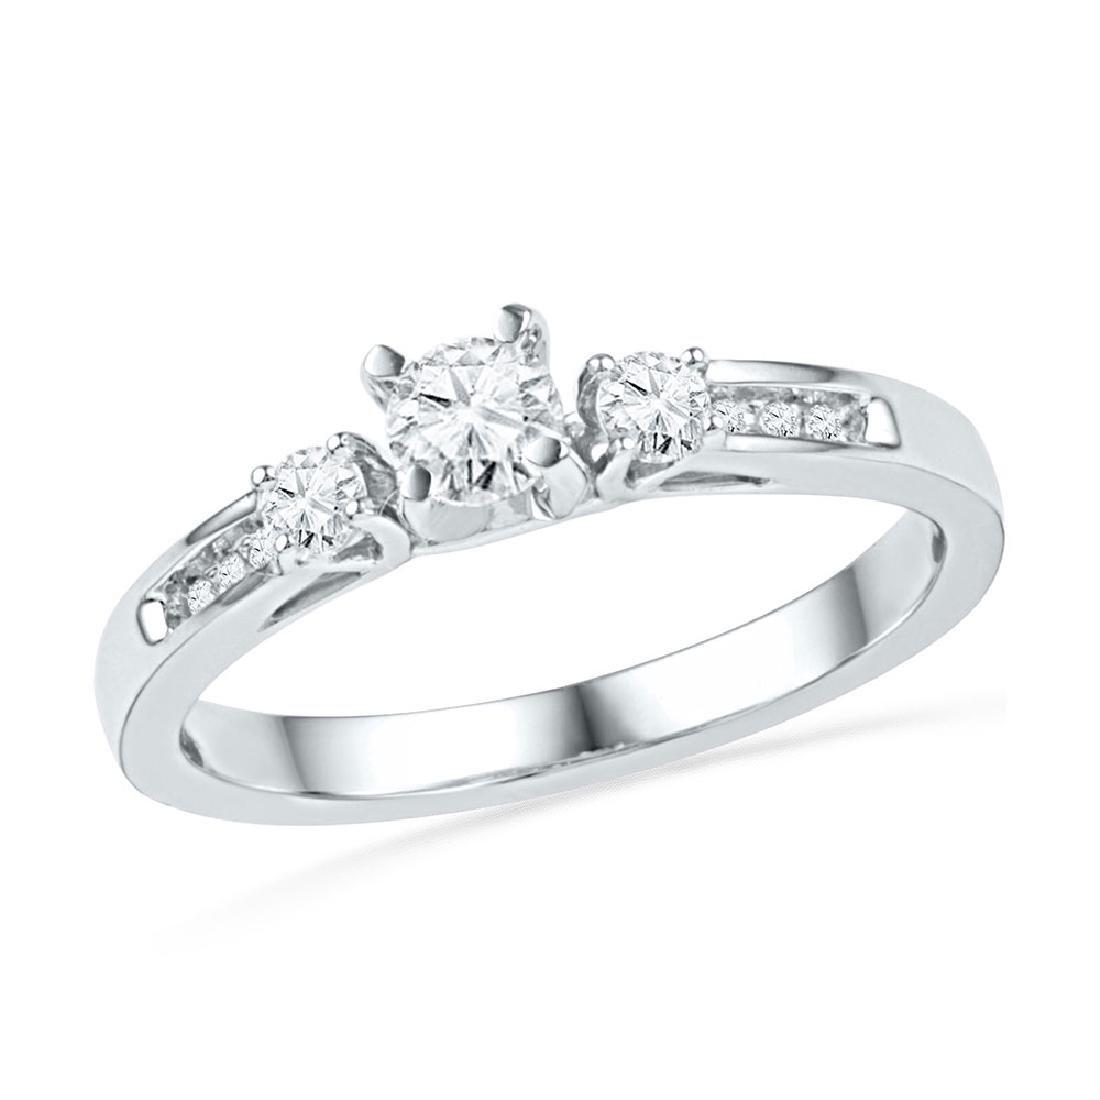 10k White Gold Round Diamond 3-stone Bridal Wedding Eng